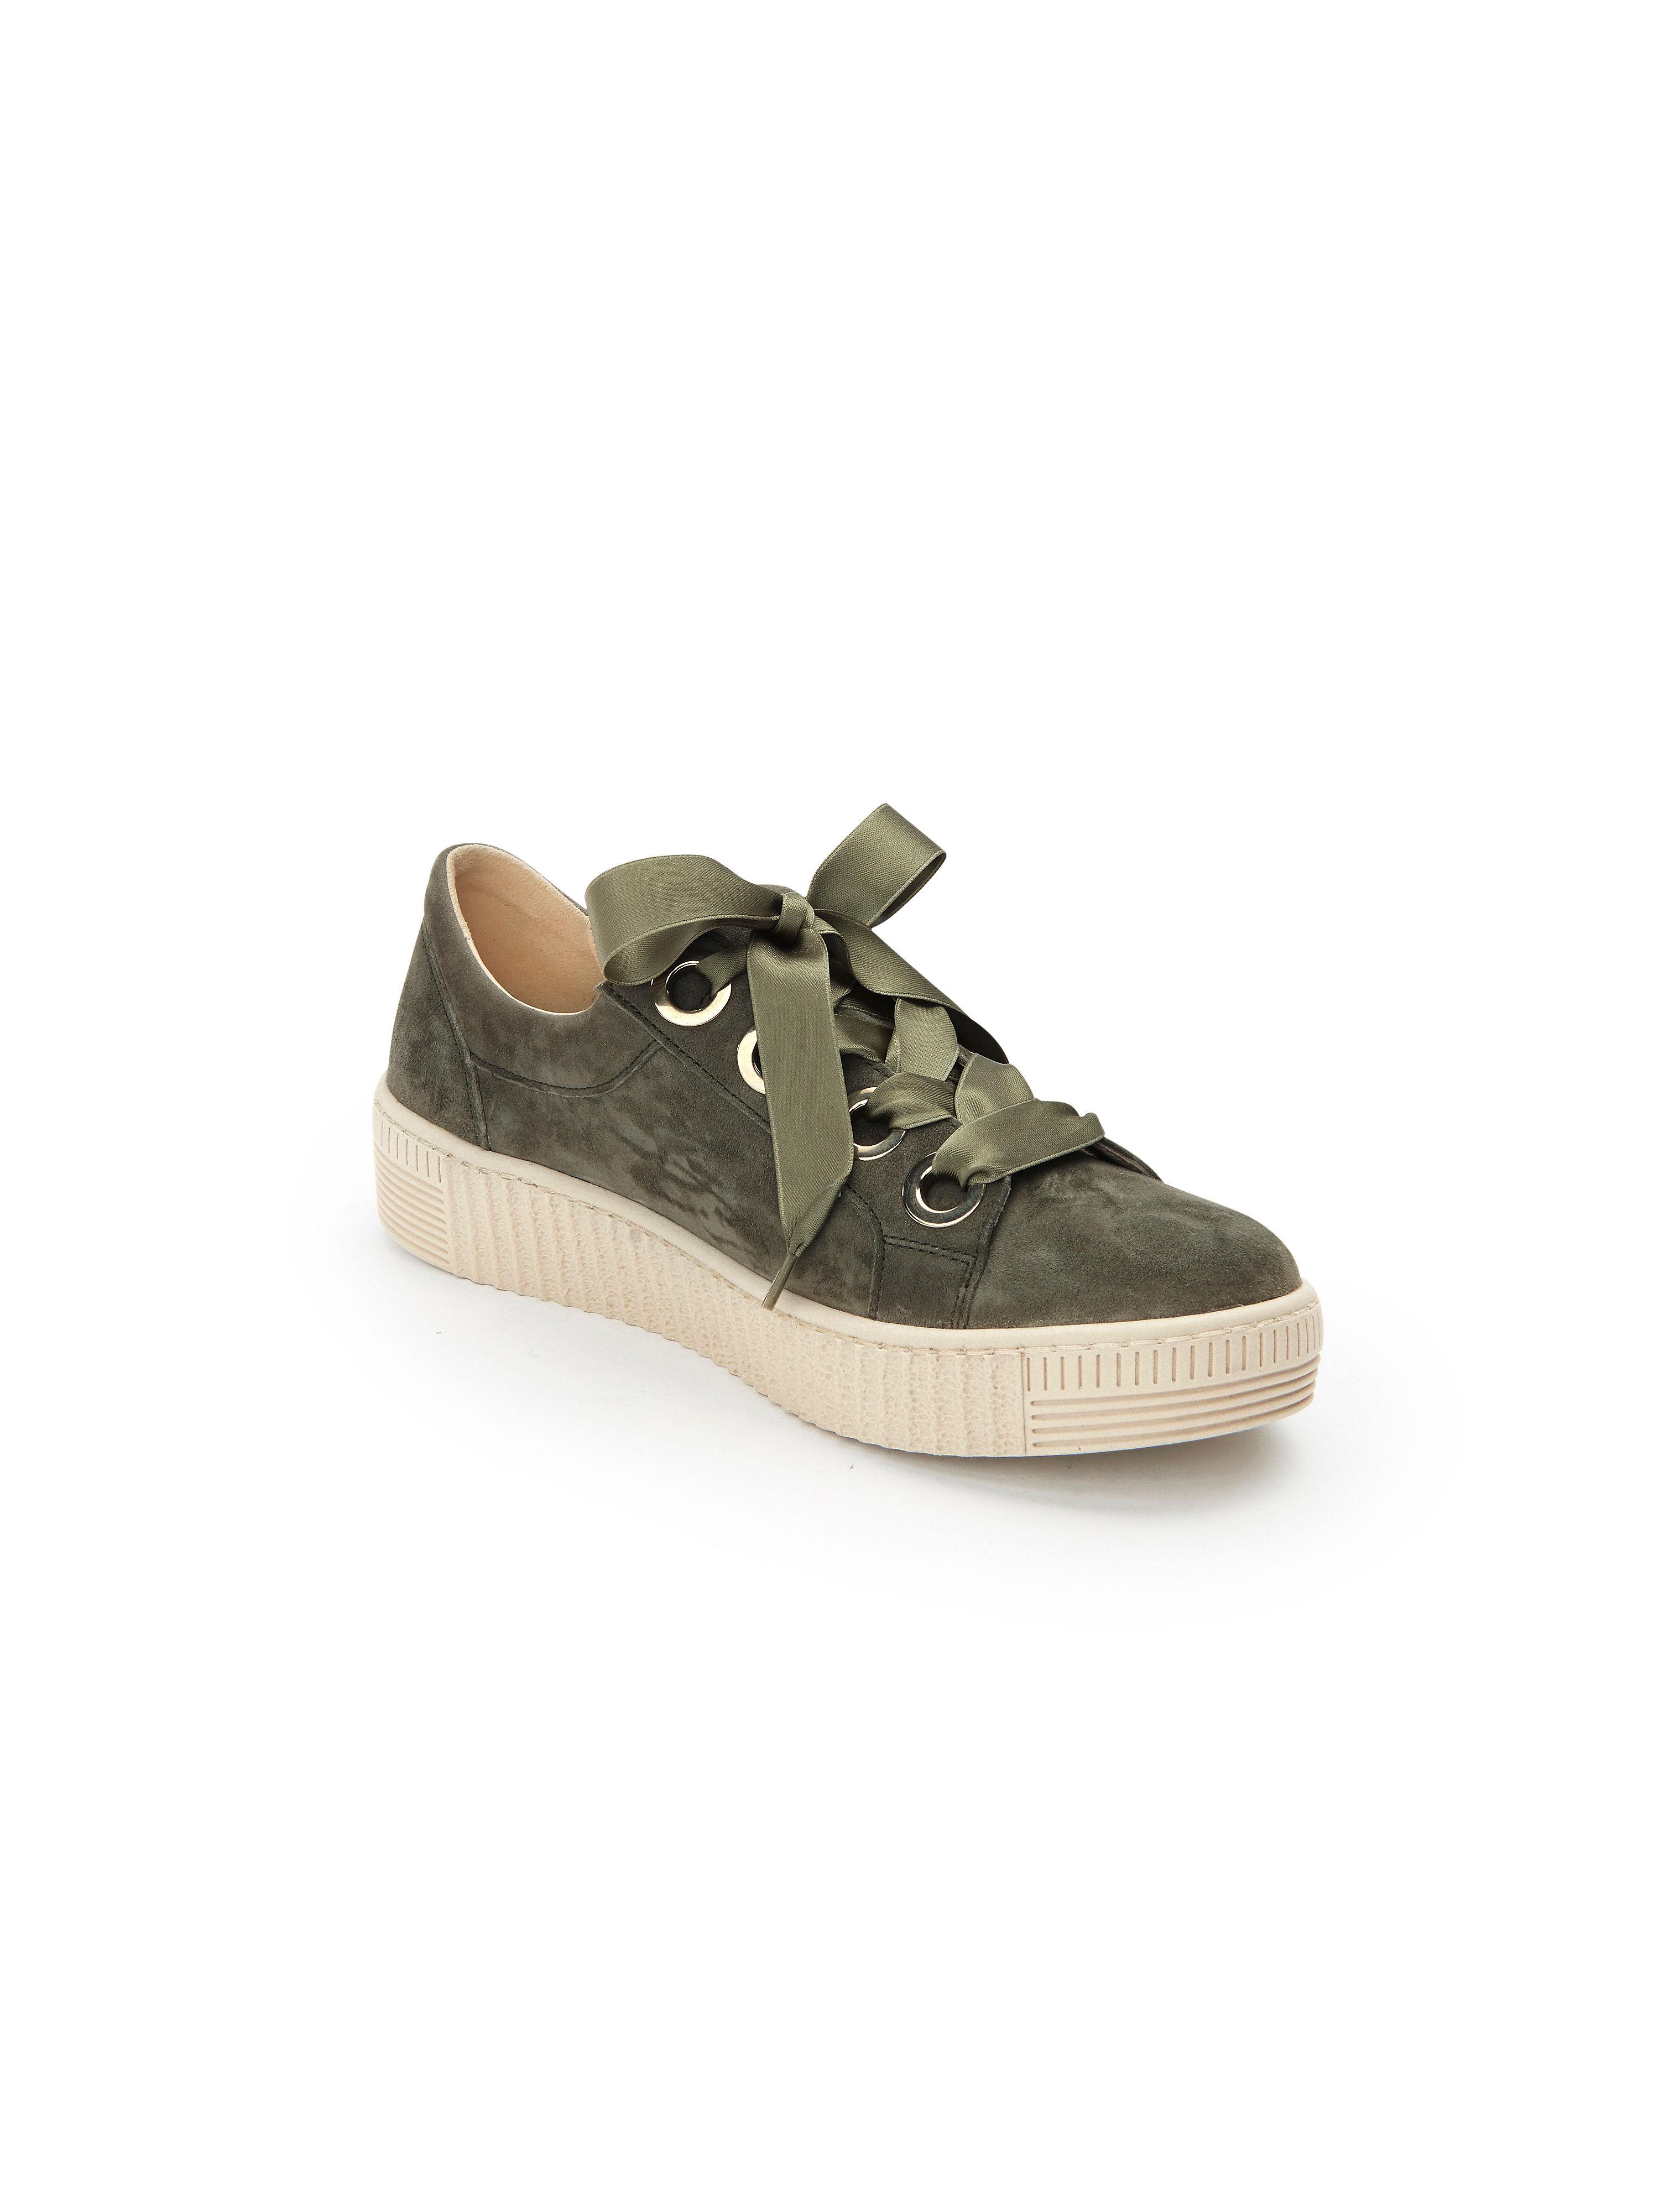 Gabor - Sneaker - Olivgrün Gute Qualität beliebte Schuhe